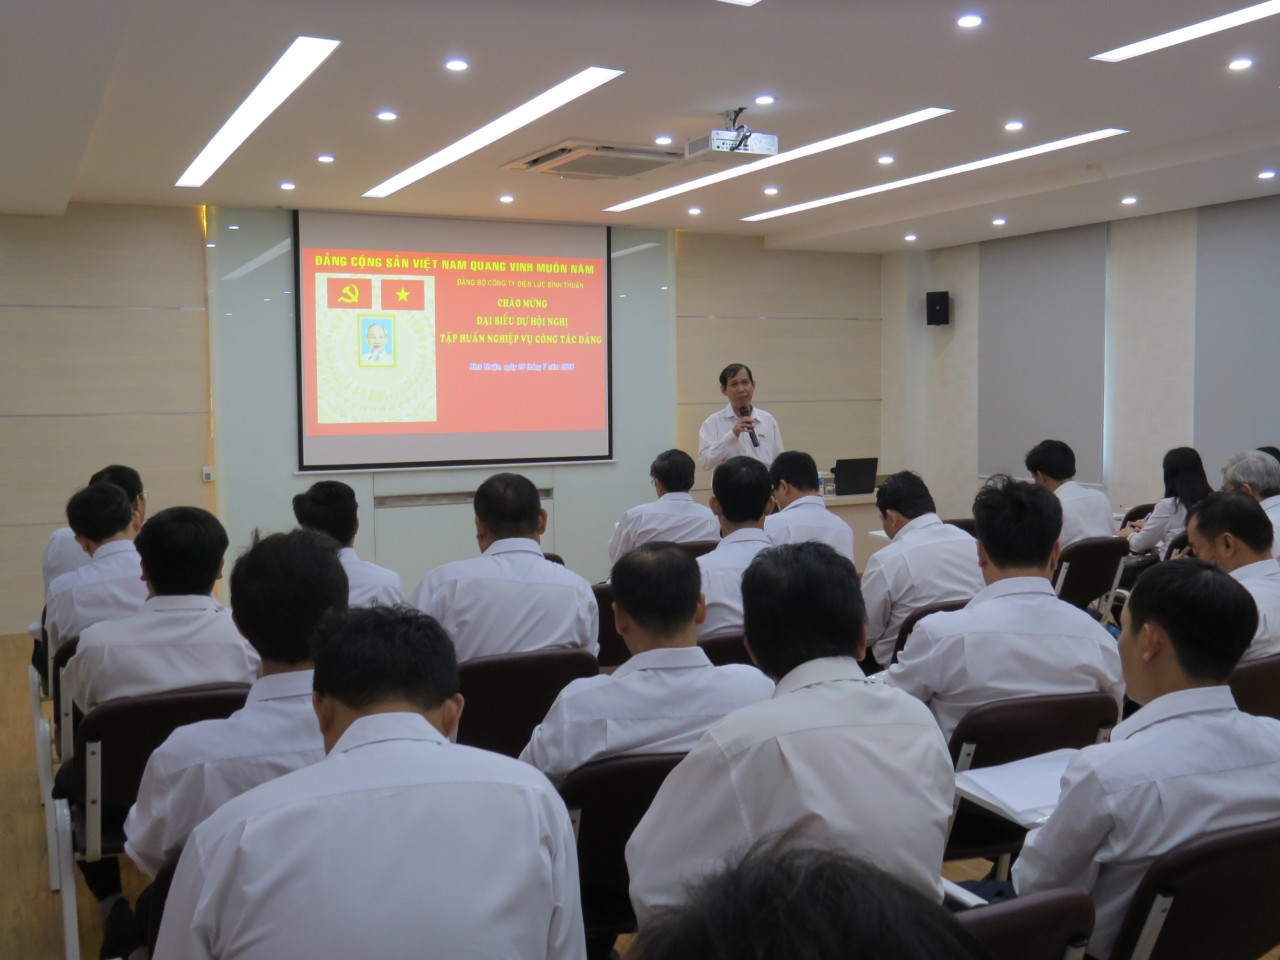 Hình Đảng ủy Công ty Điện lực Bình Thuận tổ chức tập huấn nghiệp vụ công tác Đảng